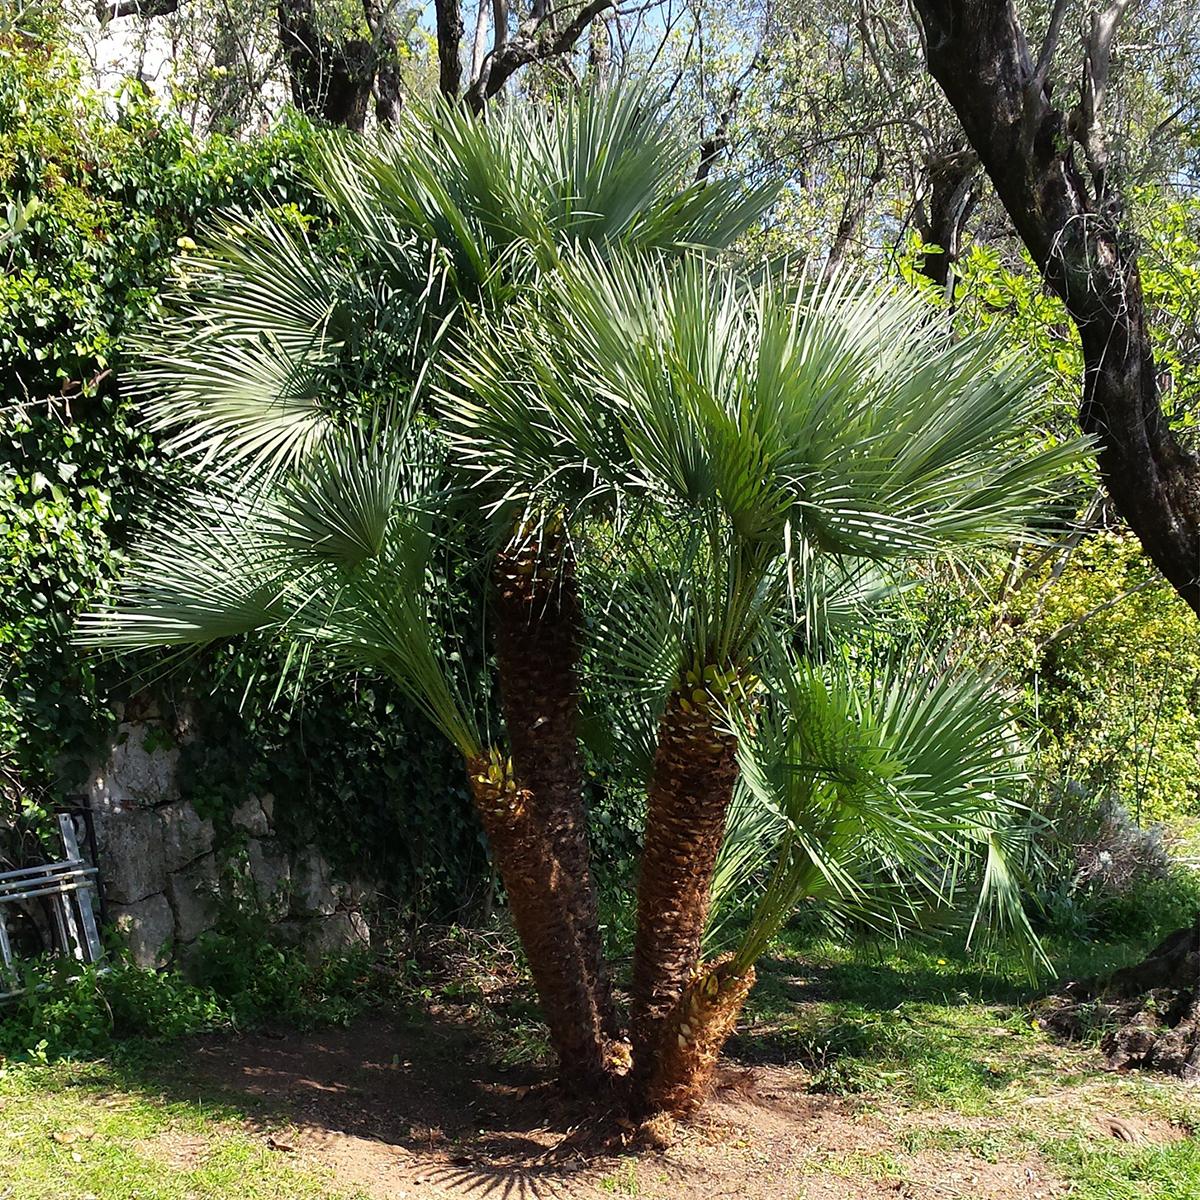 Taille arbre arbuste jardin nature espaces paysages nep for Entretien de jardins